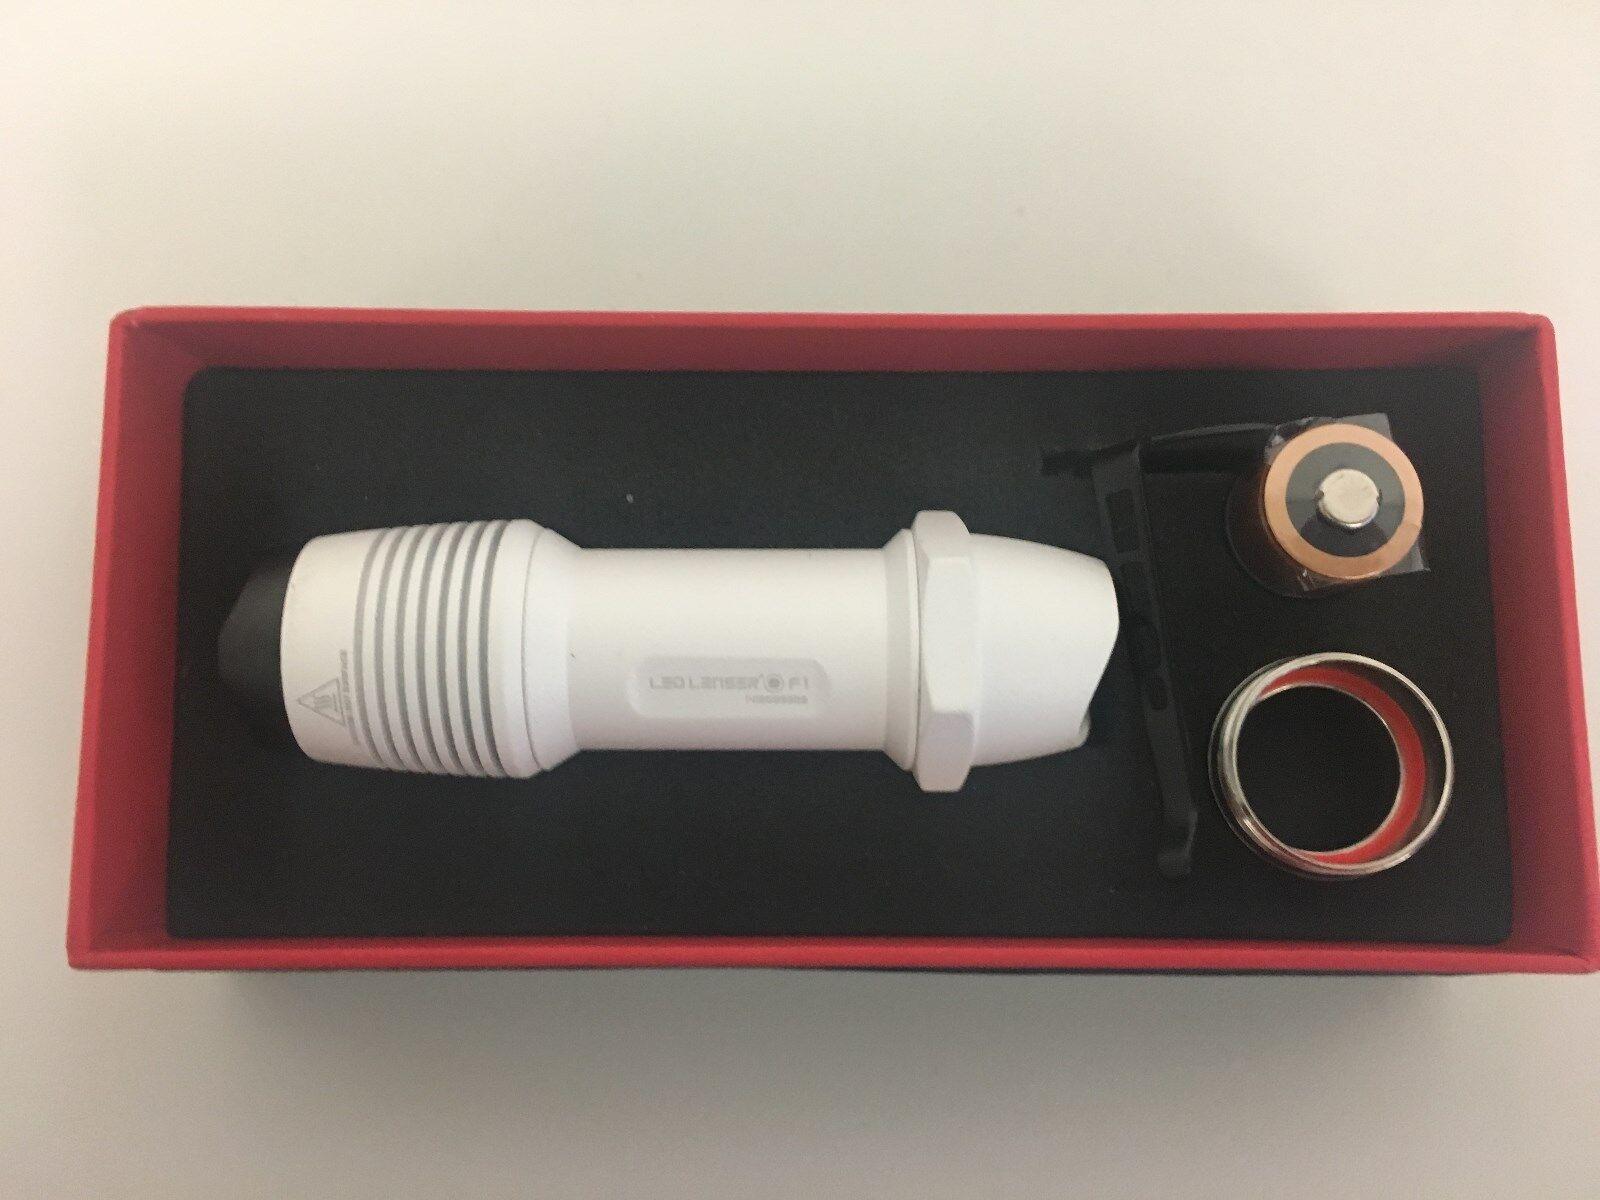 Led Lenser F1 - 500 Lumen - whiteo - en Caja de Regalo